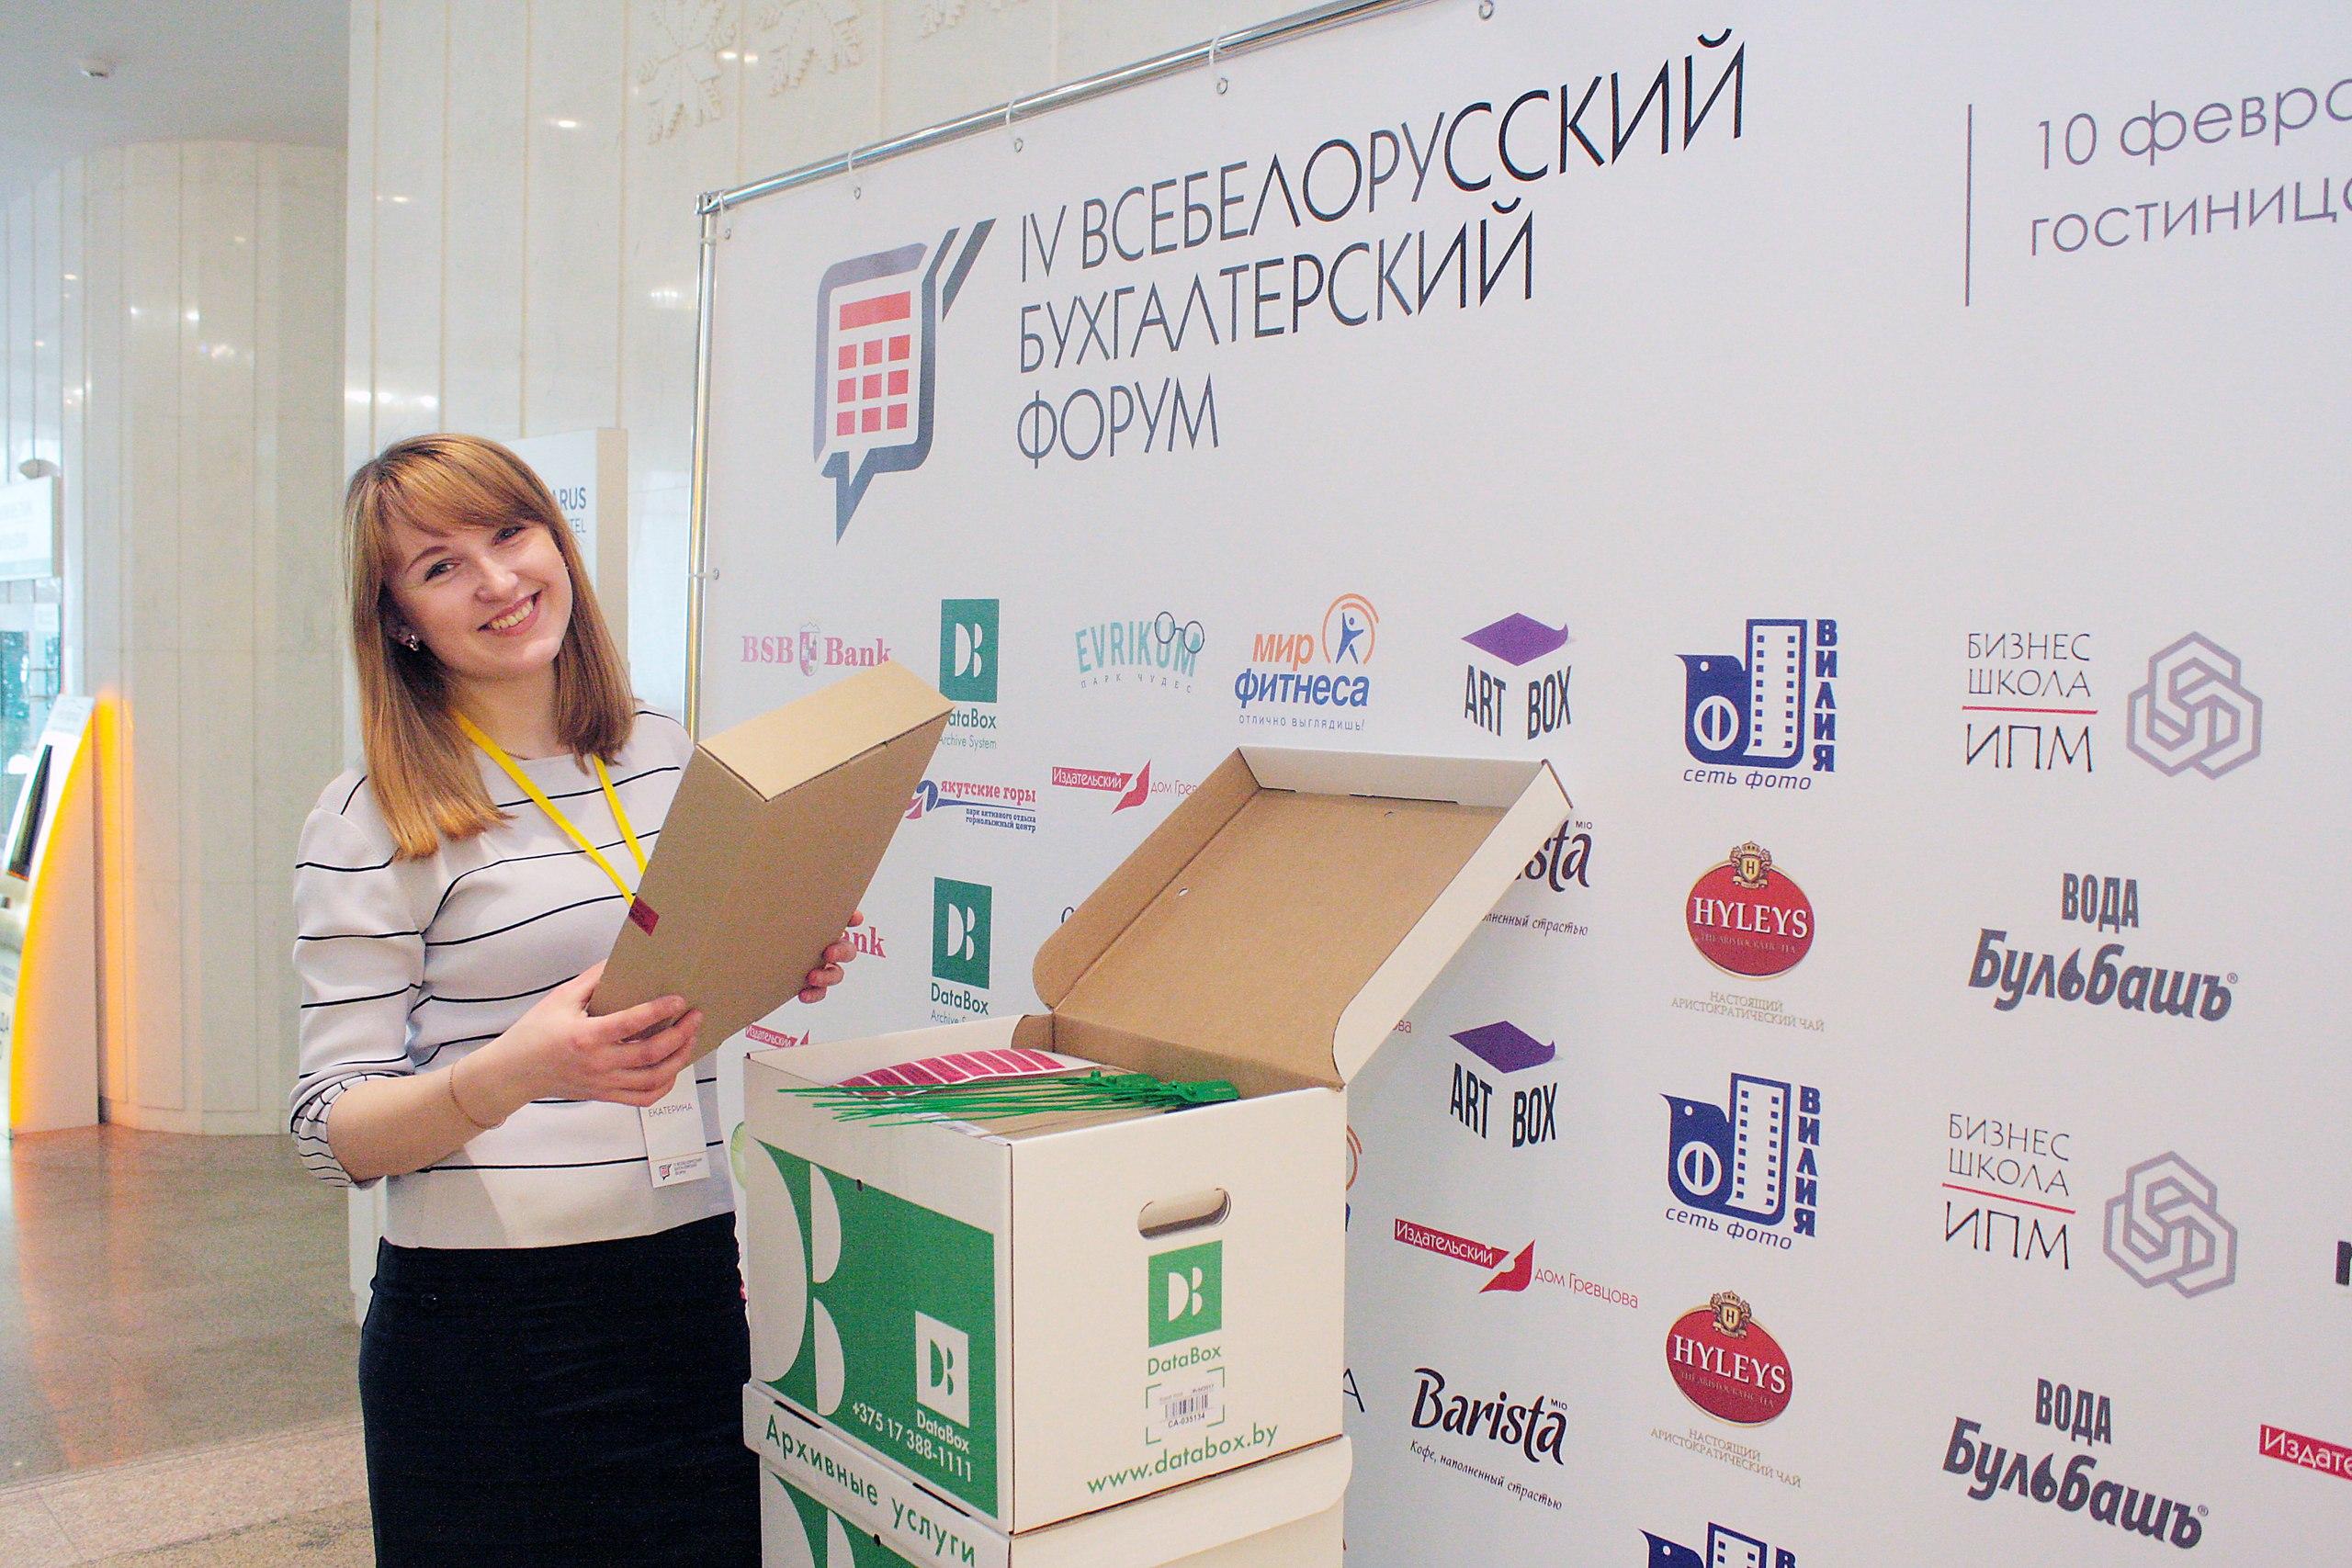 6ac6545dacf9 Двести бухгалтеров, лекторов и партнеров познакомились с информацией об организации  архива бумажных документов вне офиса.